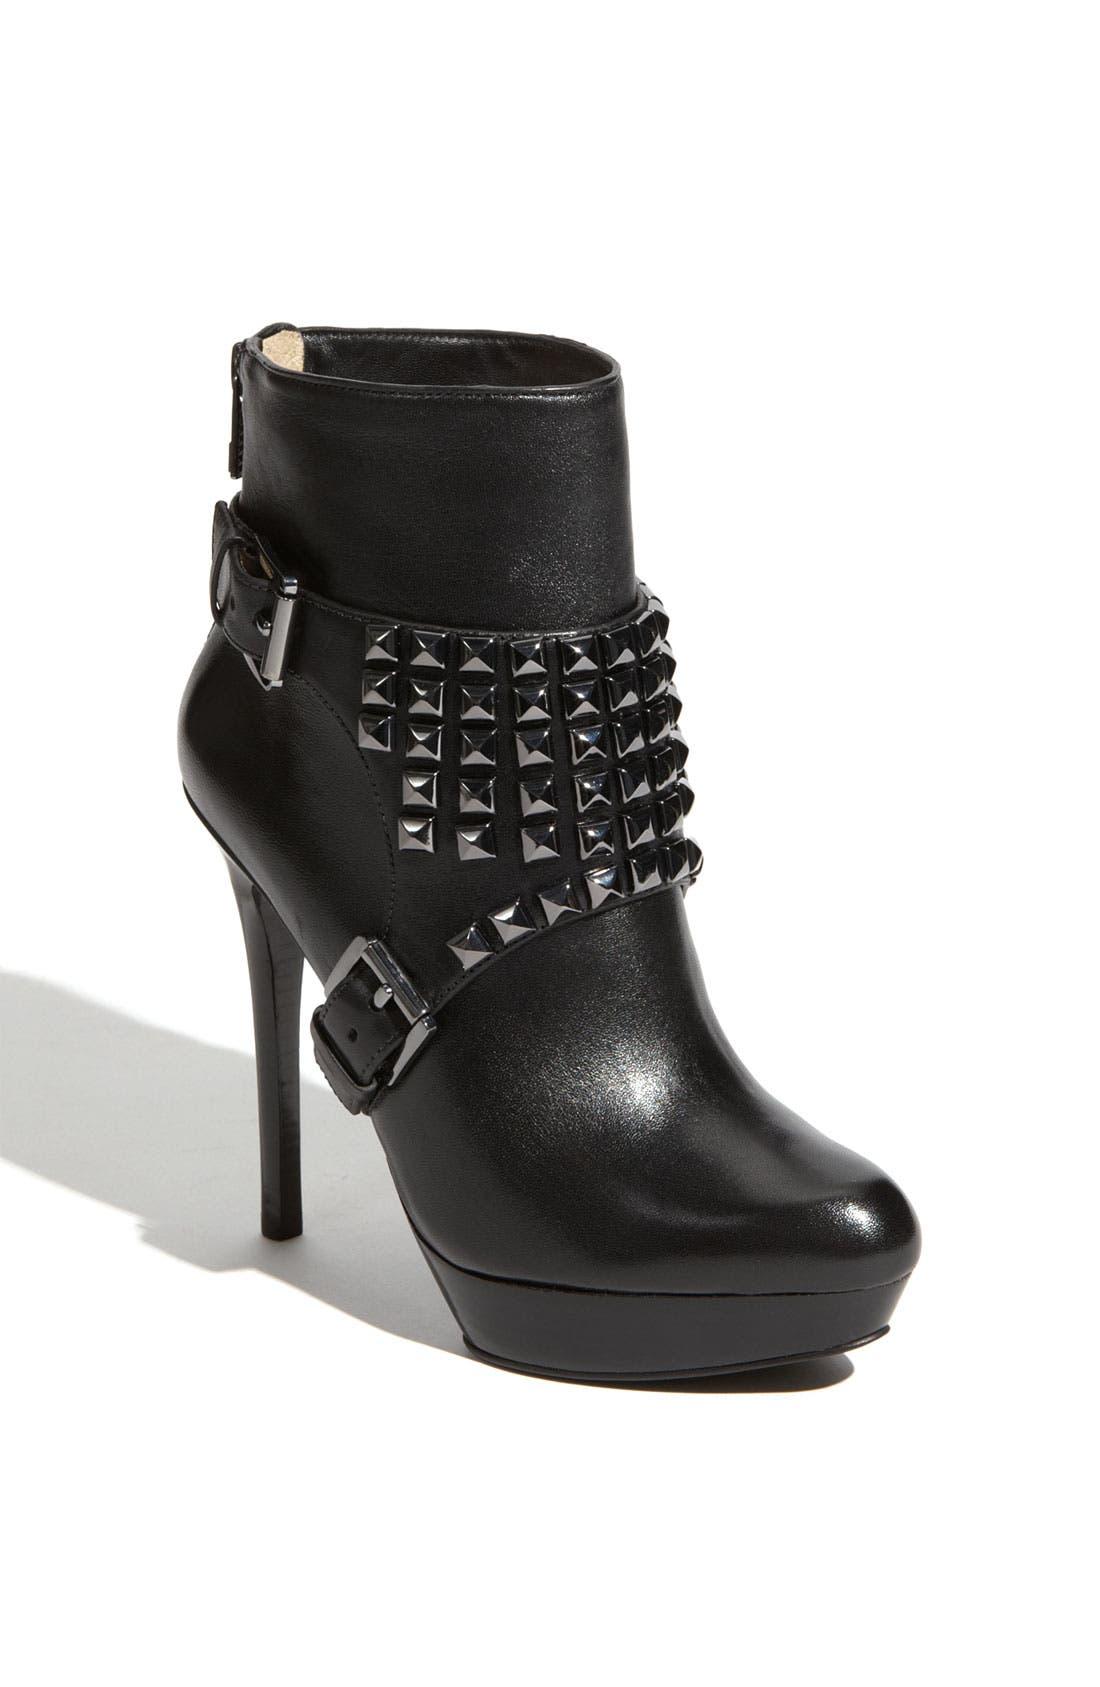 MICHAEL MICHAEL KORS 'Rock 'n' Roll' Boot, Main, color, 001